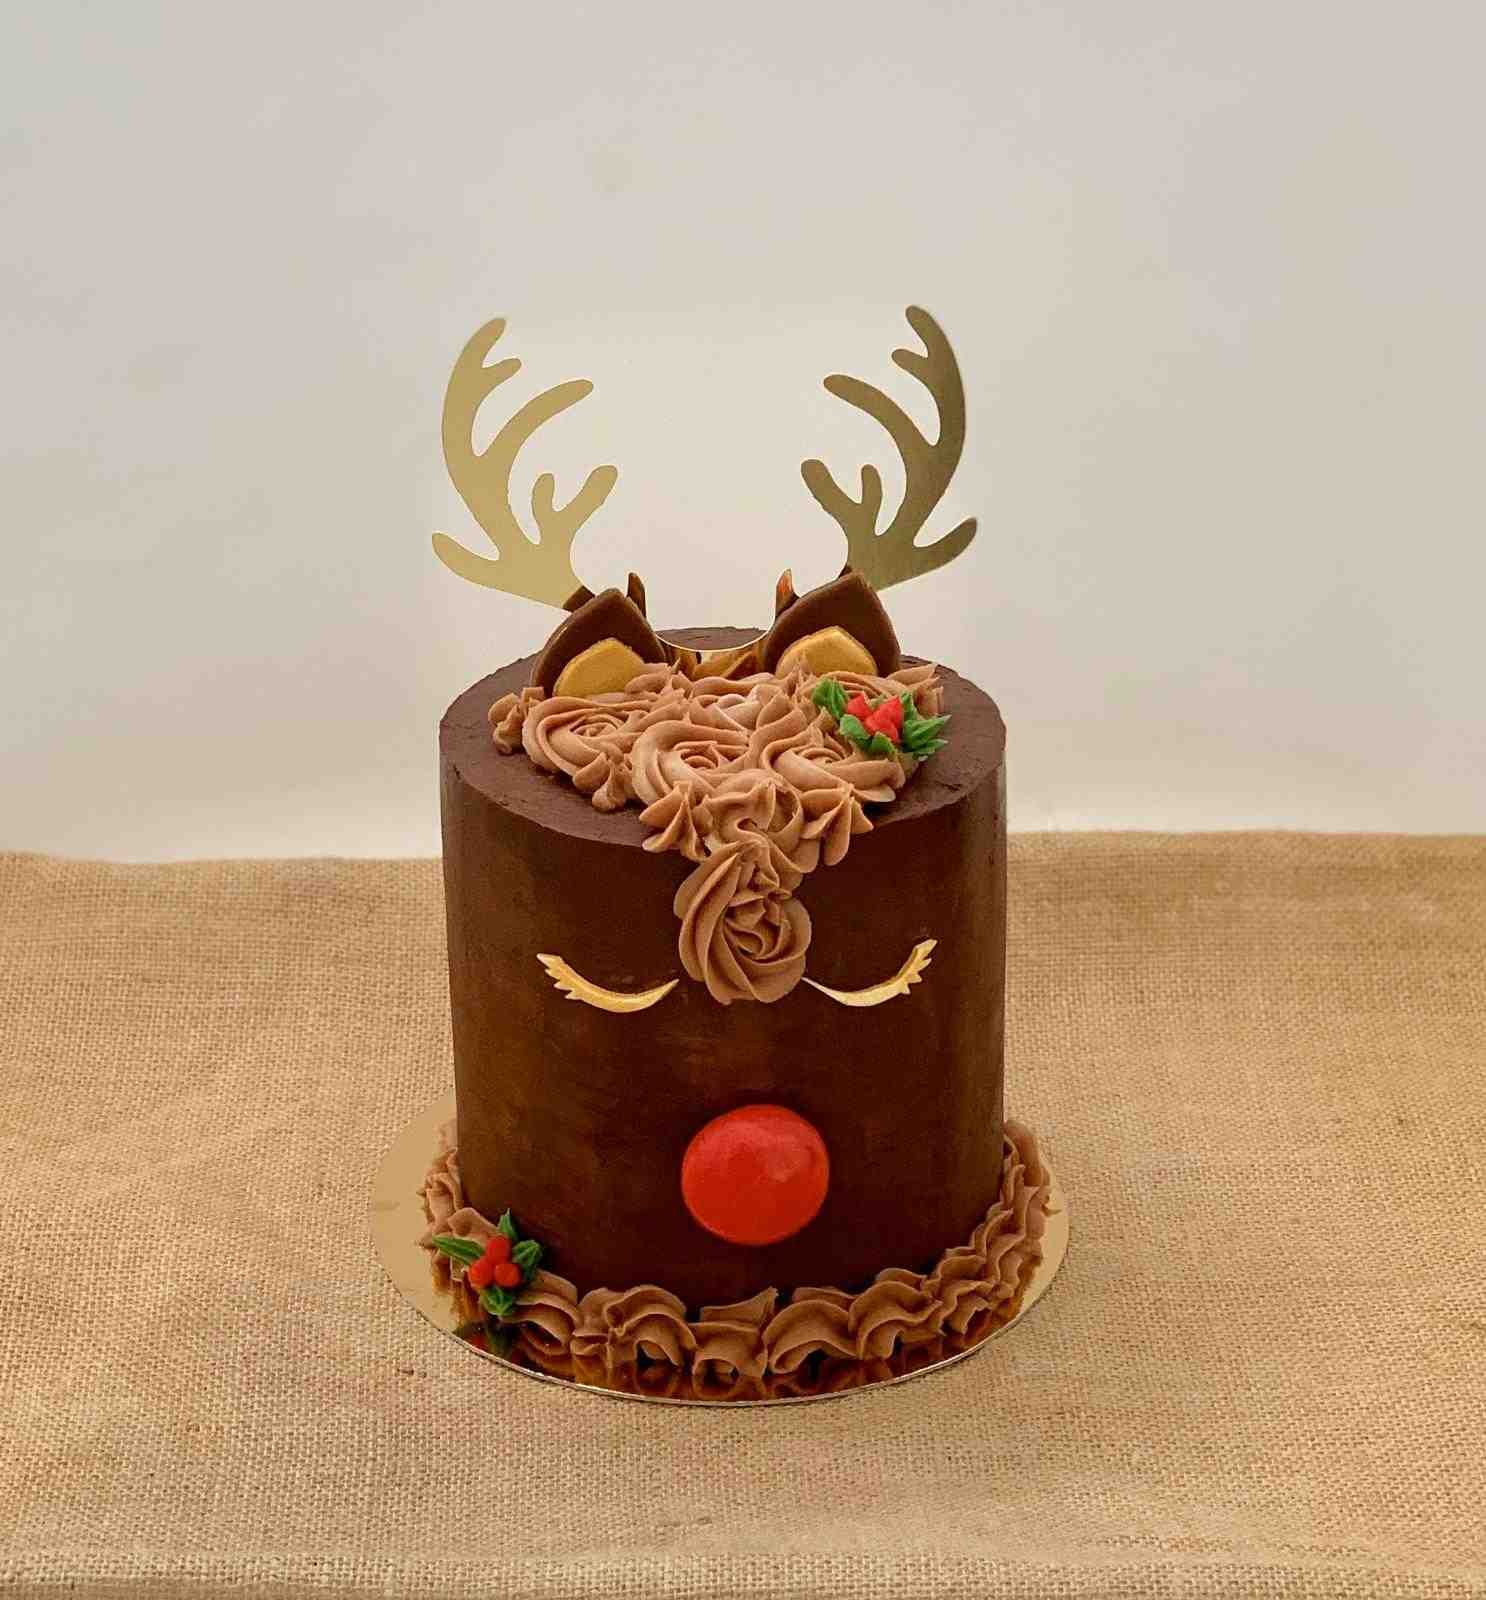 Rudolph Cake Chocolate Húmedo